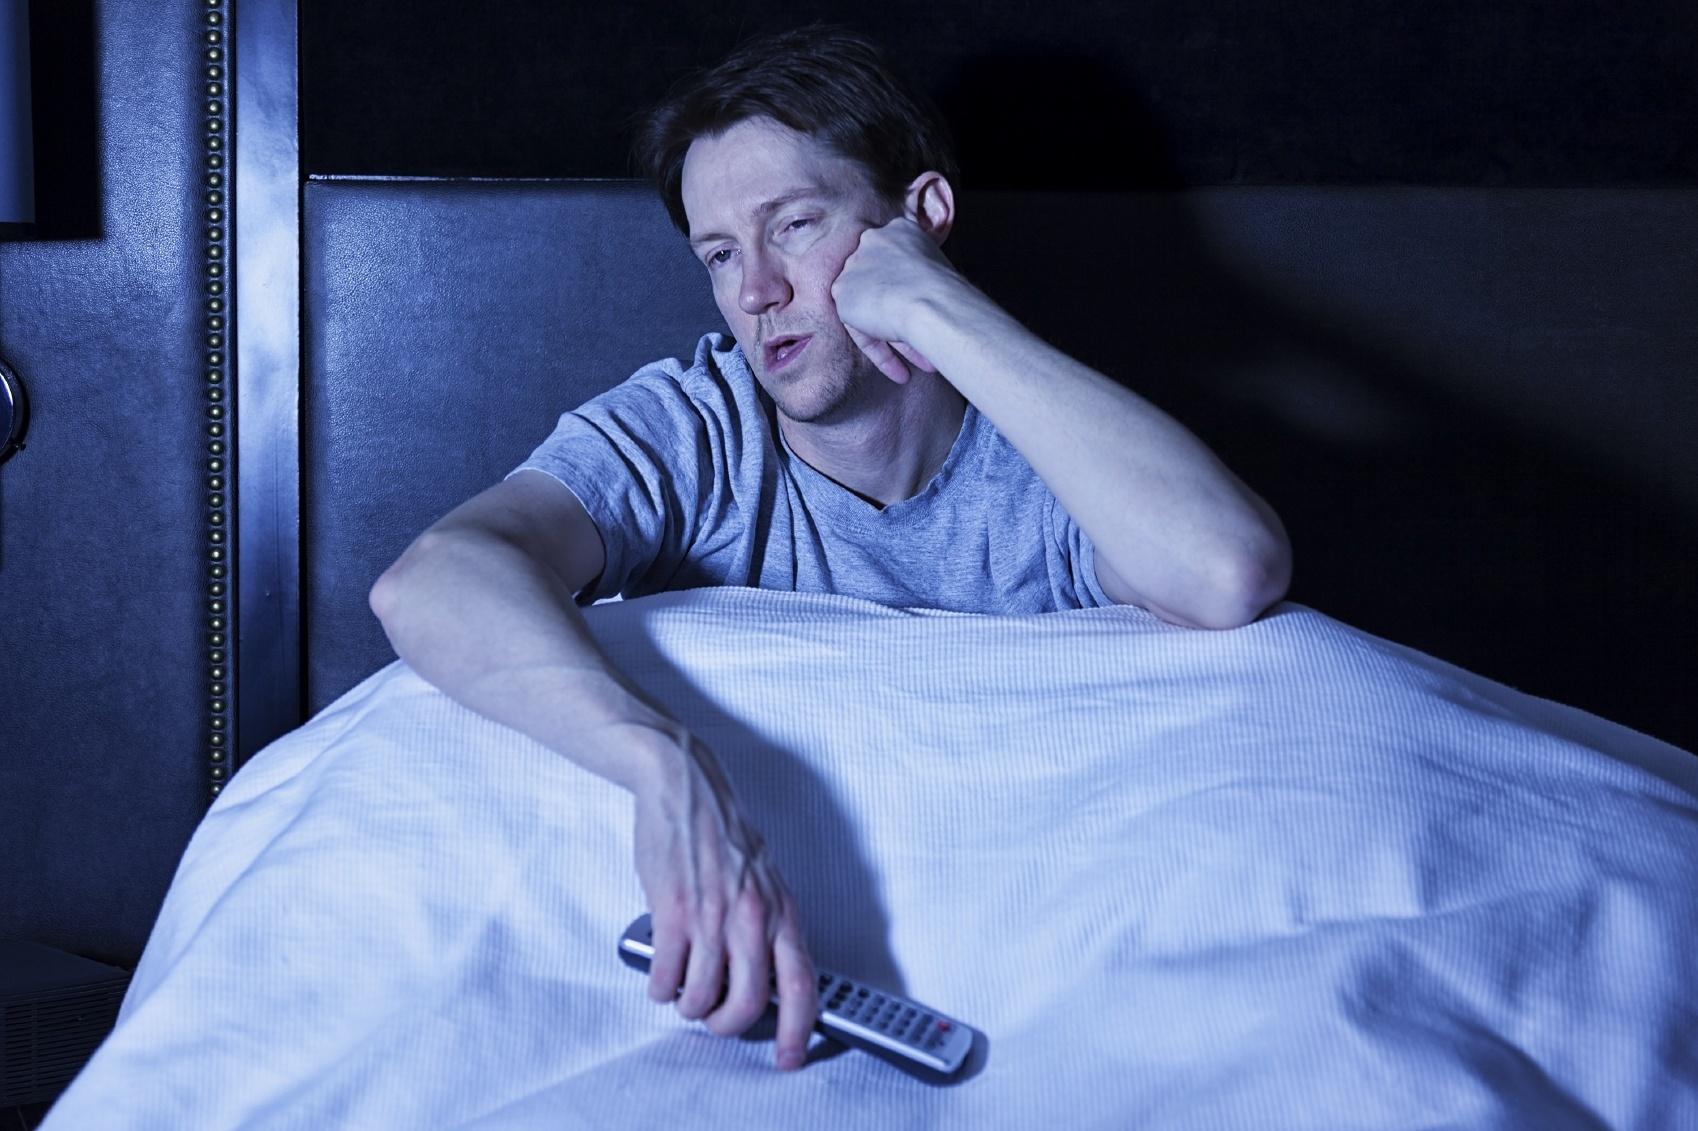 -بی خوابی و بد خوابی ذهنتان را به خواب میبرد۲-با بی خوابی و بدخوابی ذهنتان را به سوی خواب ابدی هدایت میکنید۳-خاموش شدن ذهن با بی خوابی و بدخوابی همیشگی